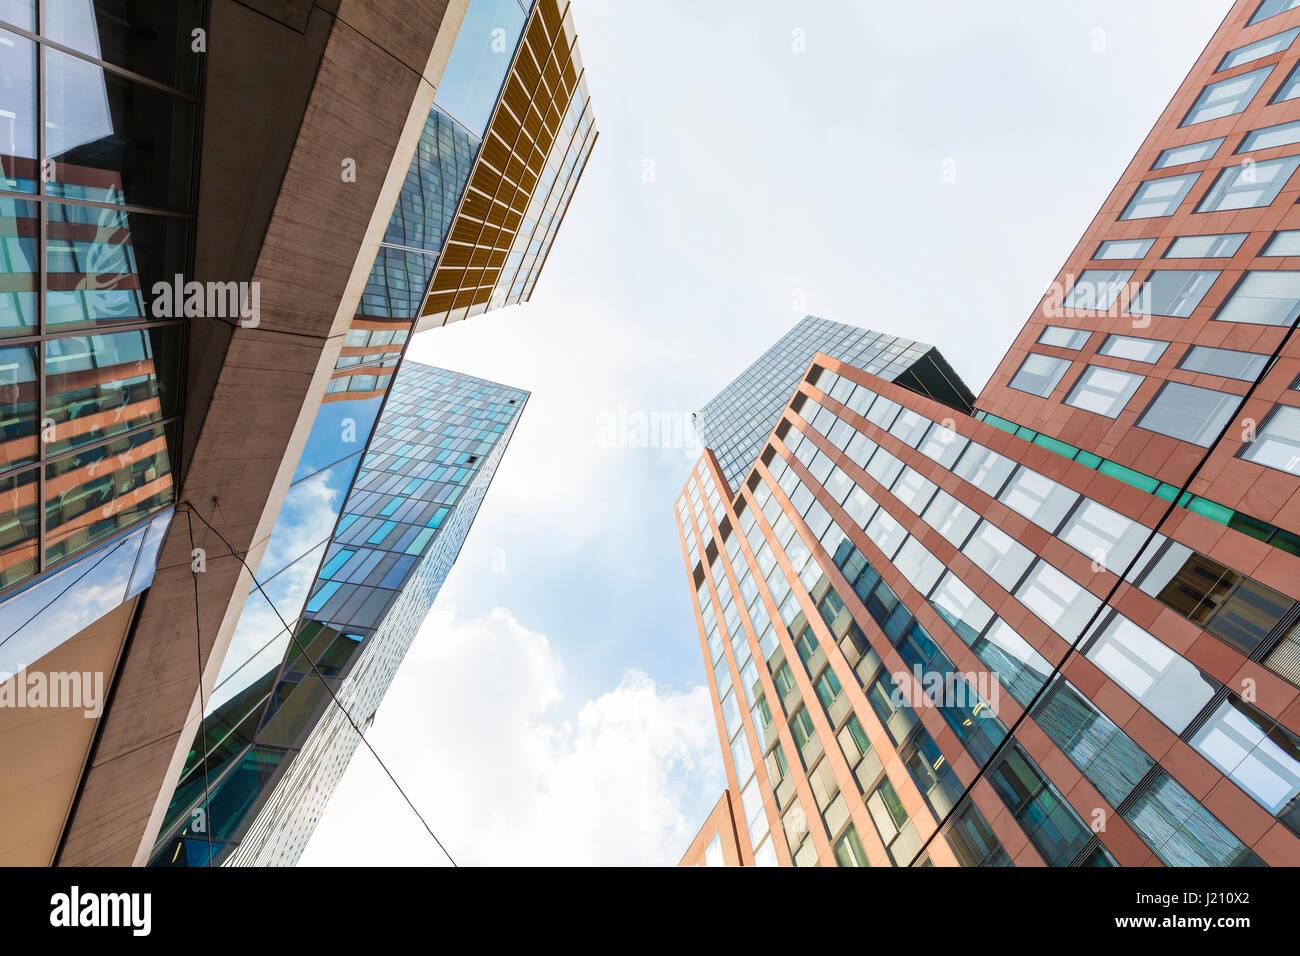 Österreich, Wien, Innenstadt, Bürogebäude, Büros, modern - Stock Image